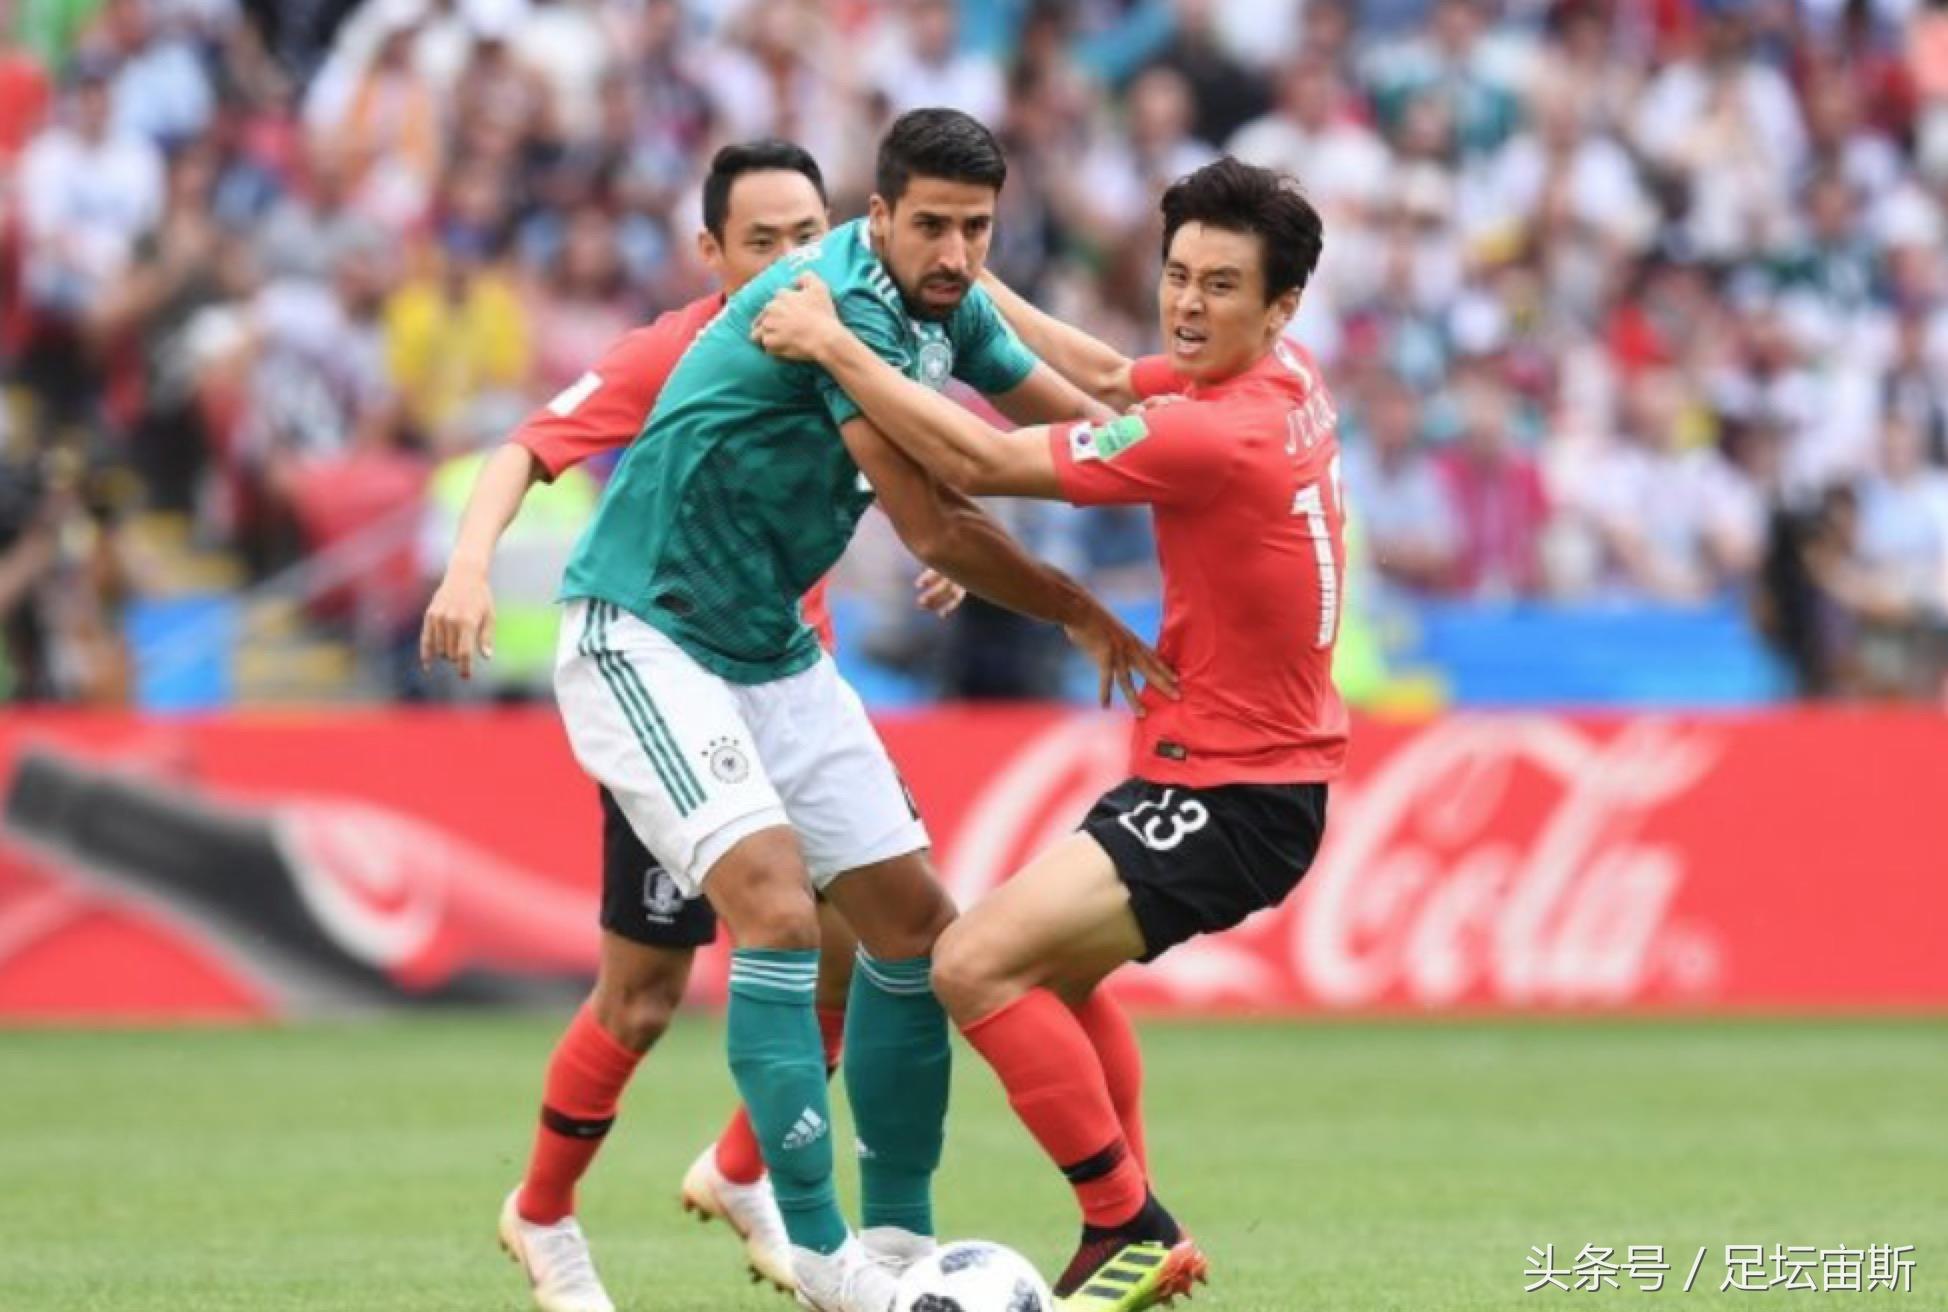 世界杯死亡之组即将揭晓!德国输日本集体出局 世界杯12队进16强